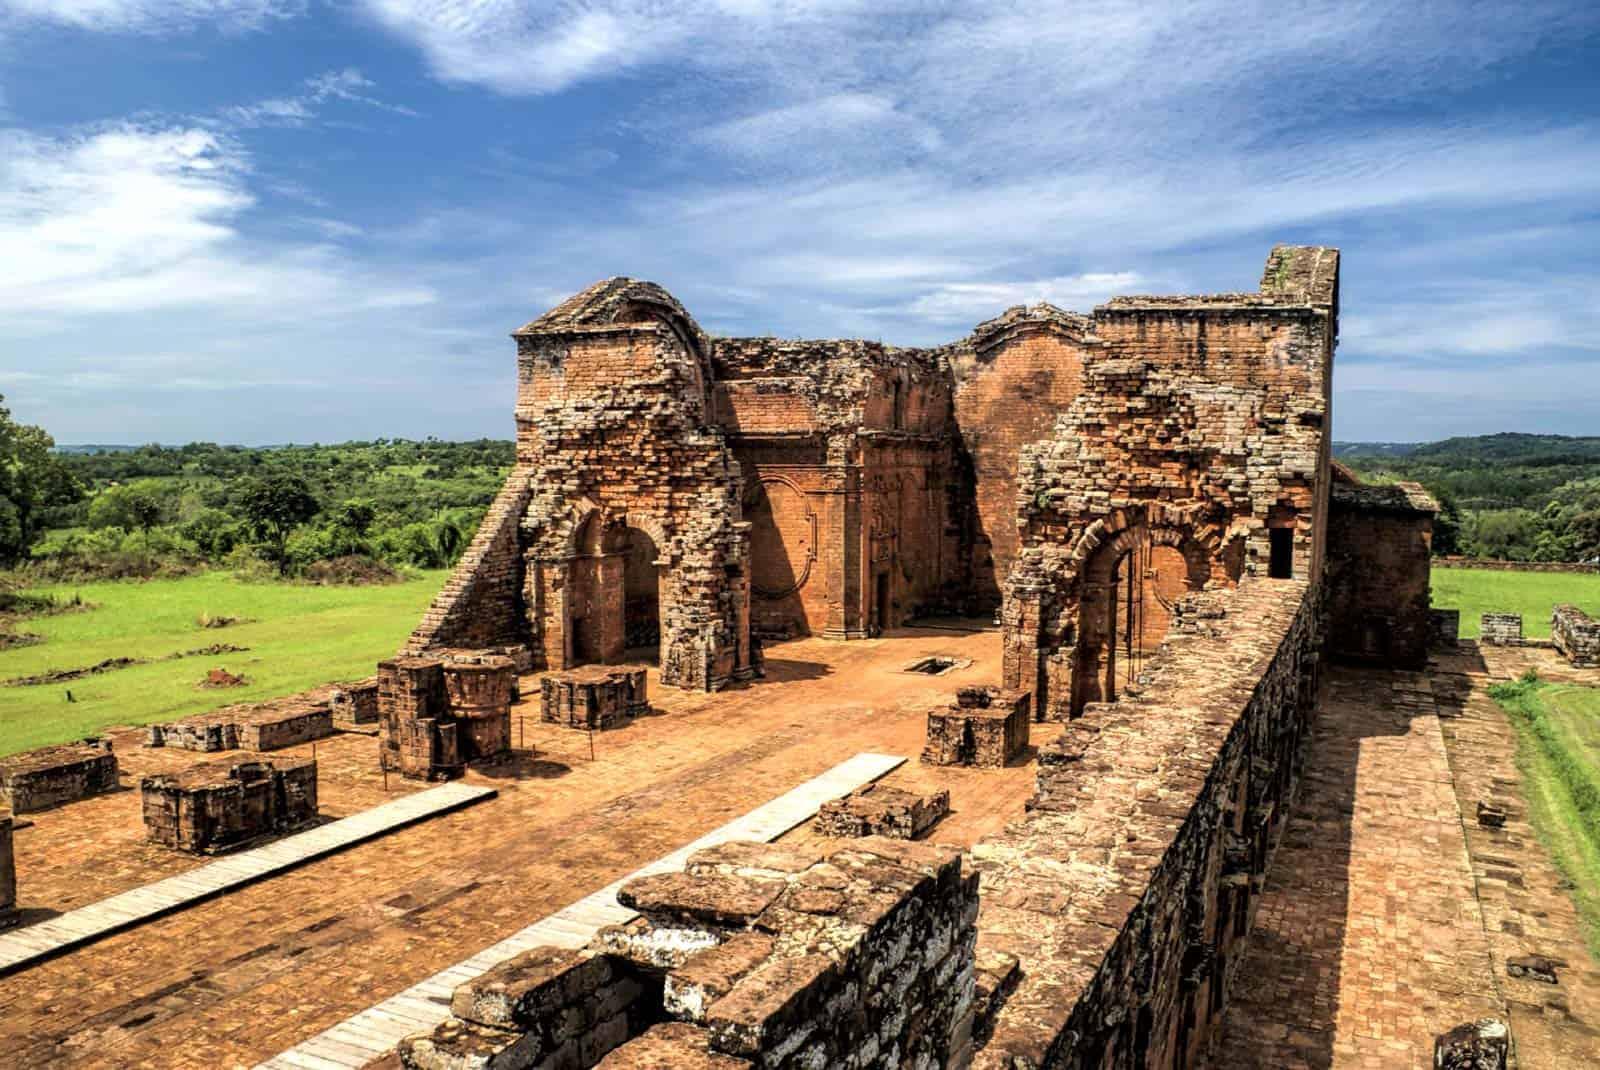 Jėzuitų griuvėsiai, Paragvajus